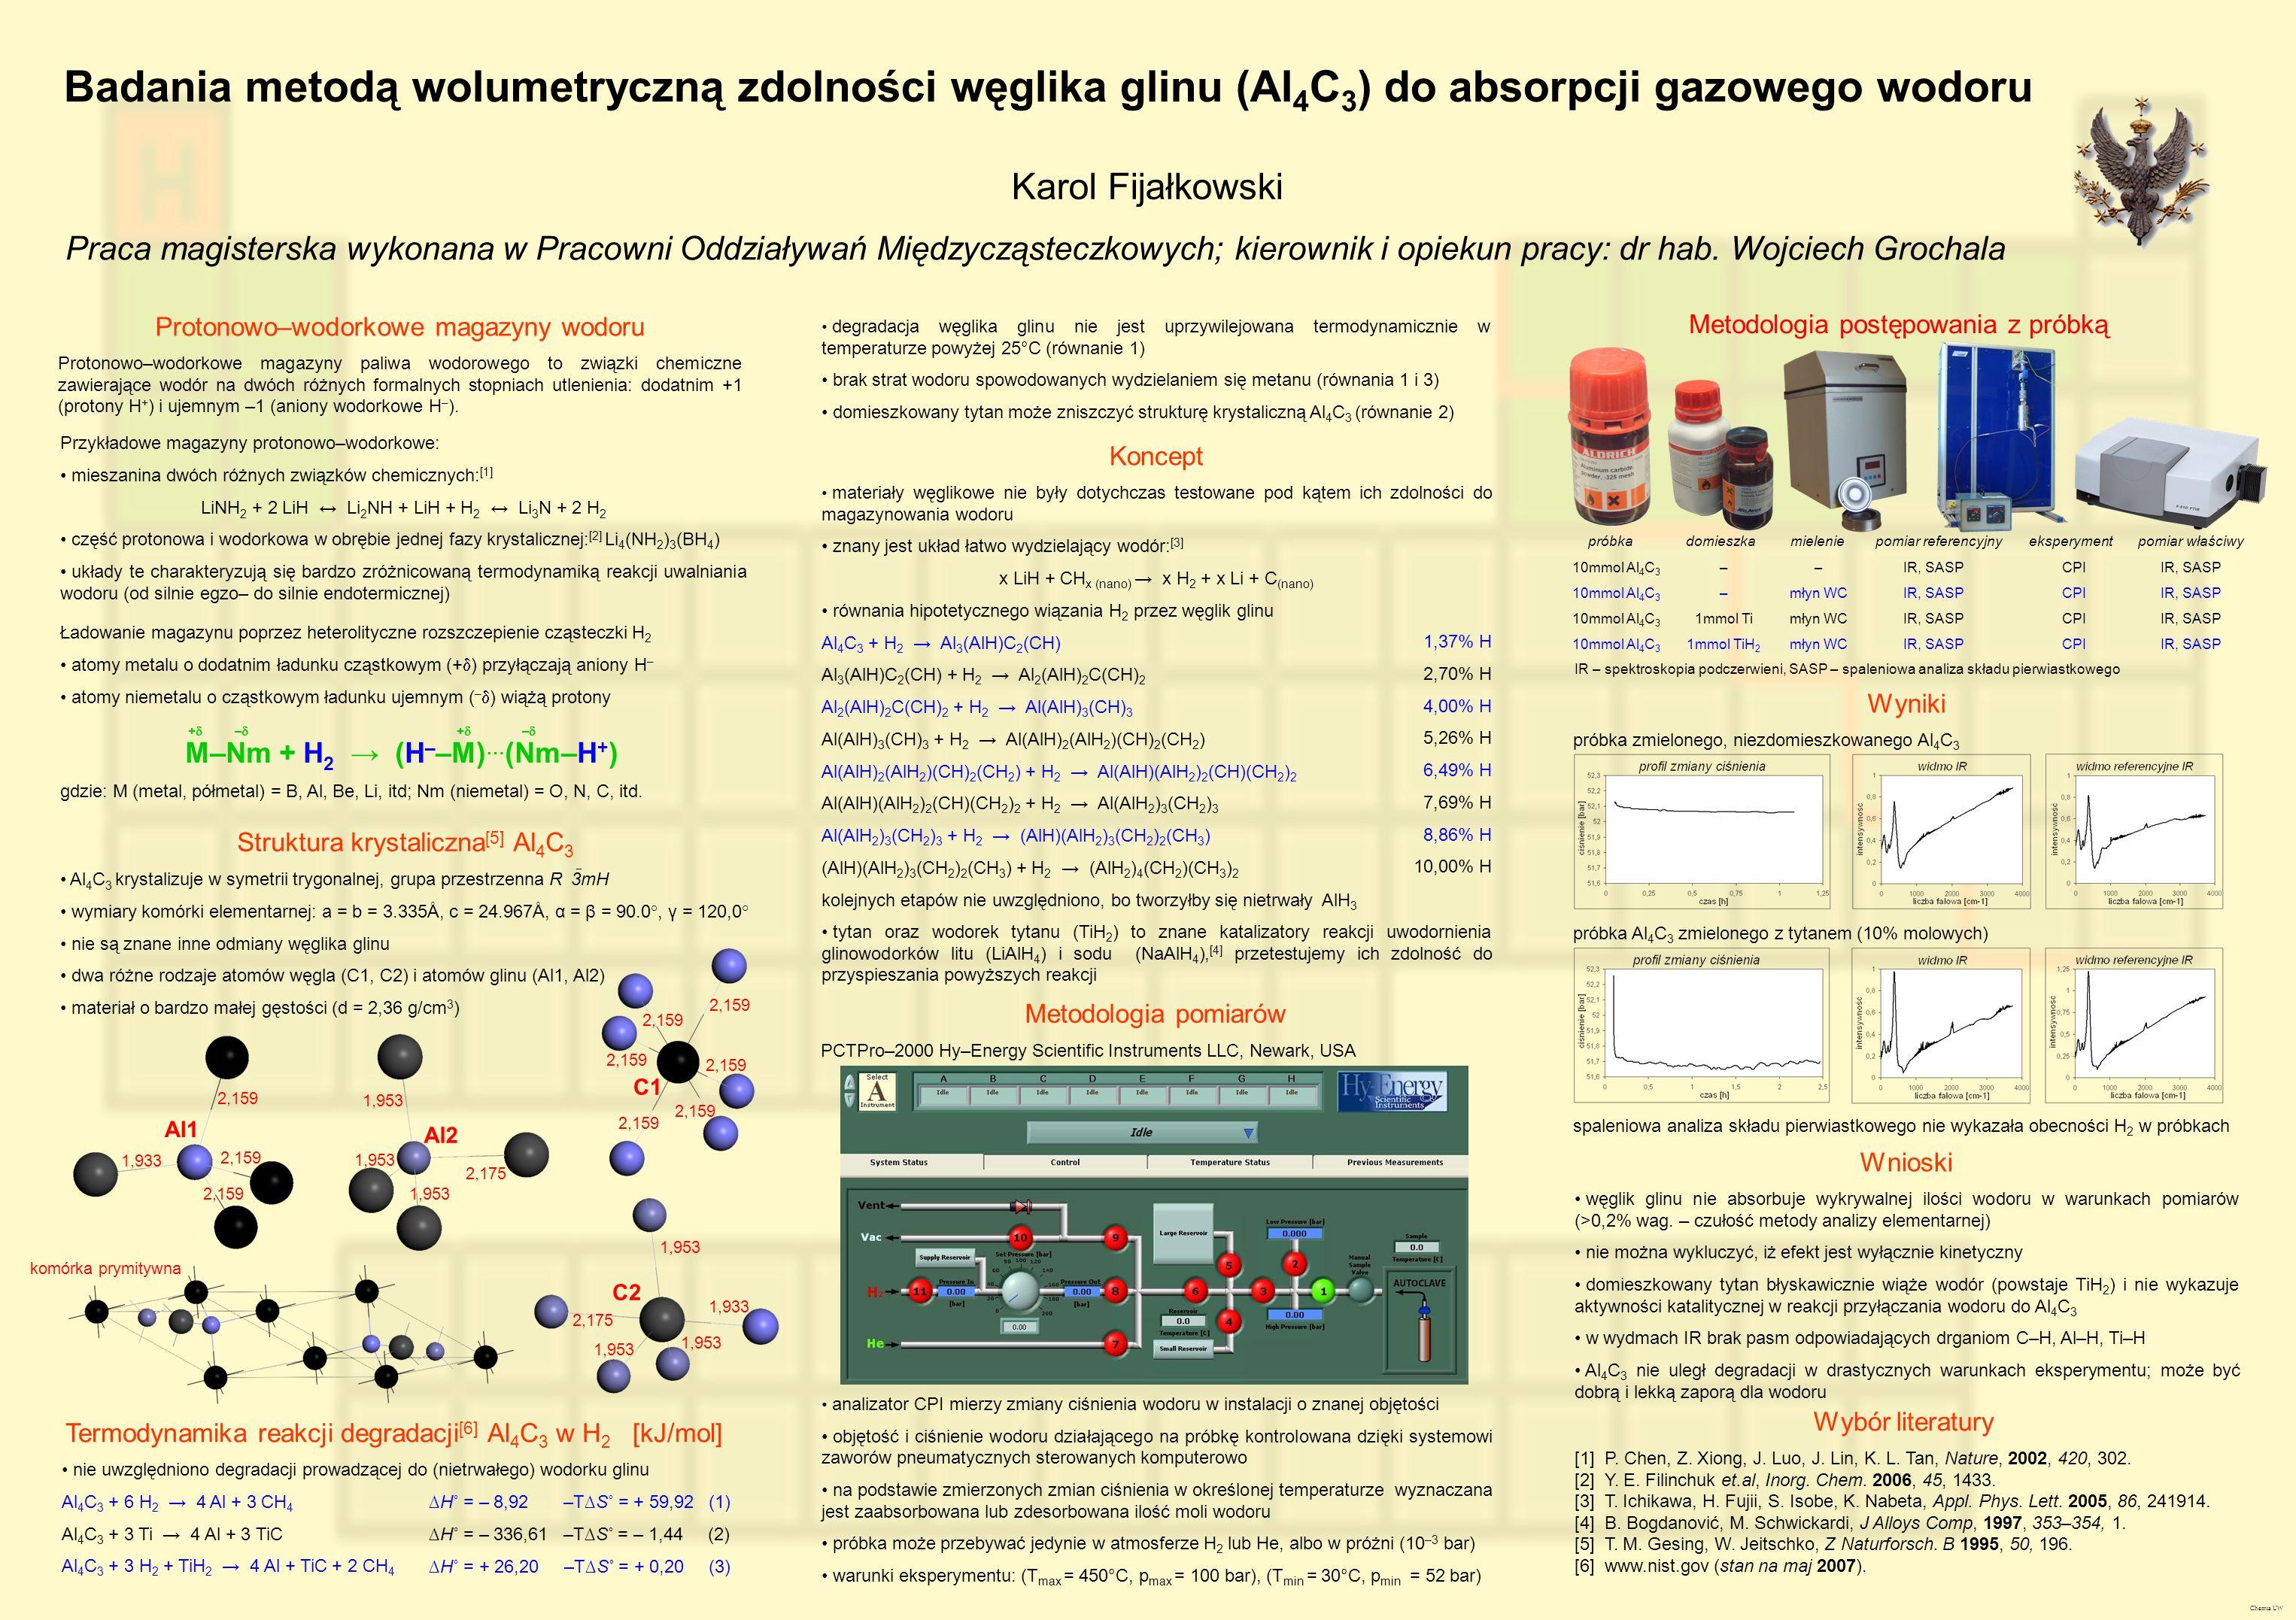 Badania metodą wolumetryczną zdolności węglika glinu (Al 4 C 3 ) do absorpcji gazowego wodoru Praca magisterska wykonana w Pracowni Oddziaływań Między